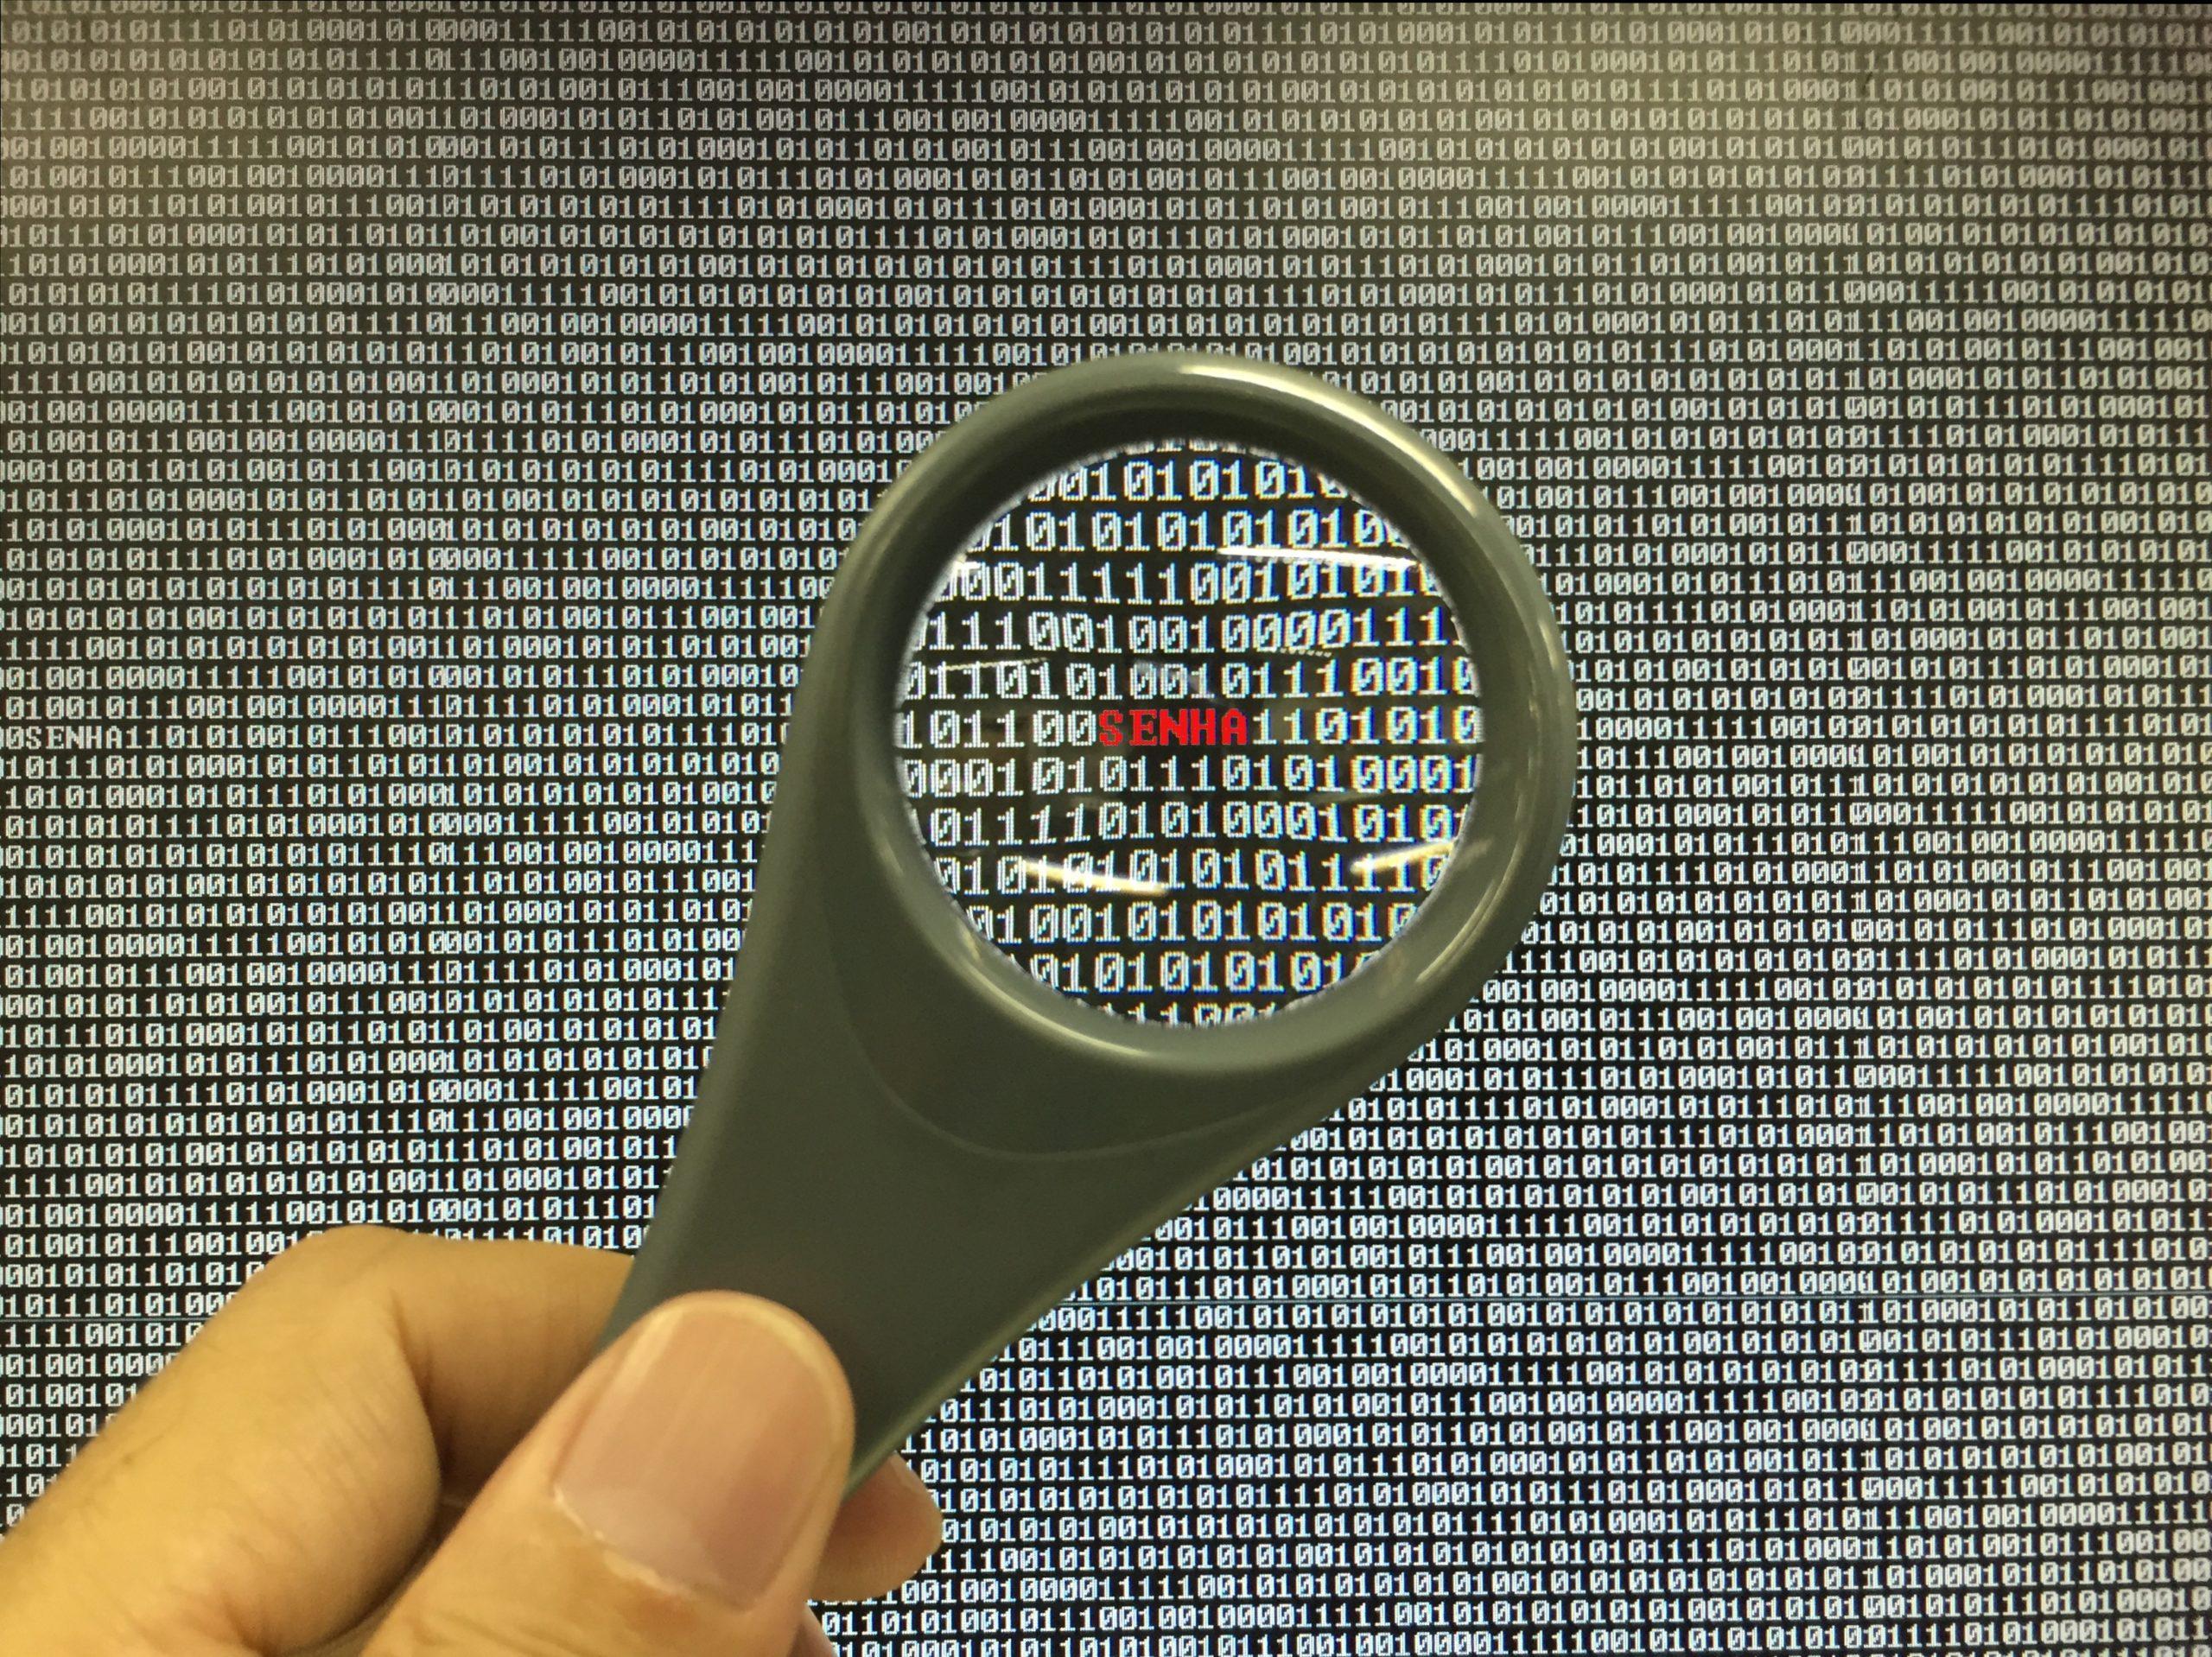 Bezpieczeństwo działania B2B na niestabilnym rynku